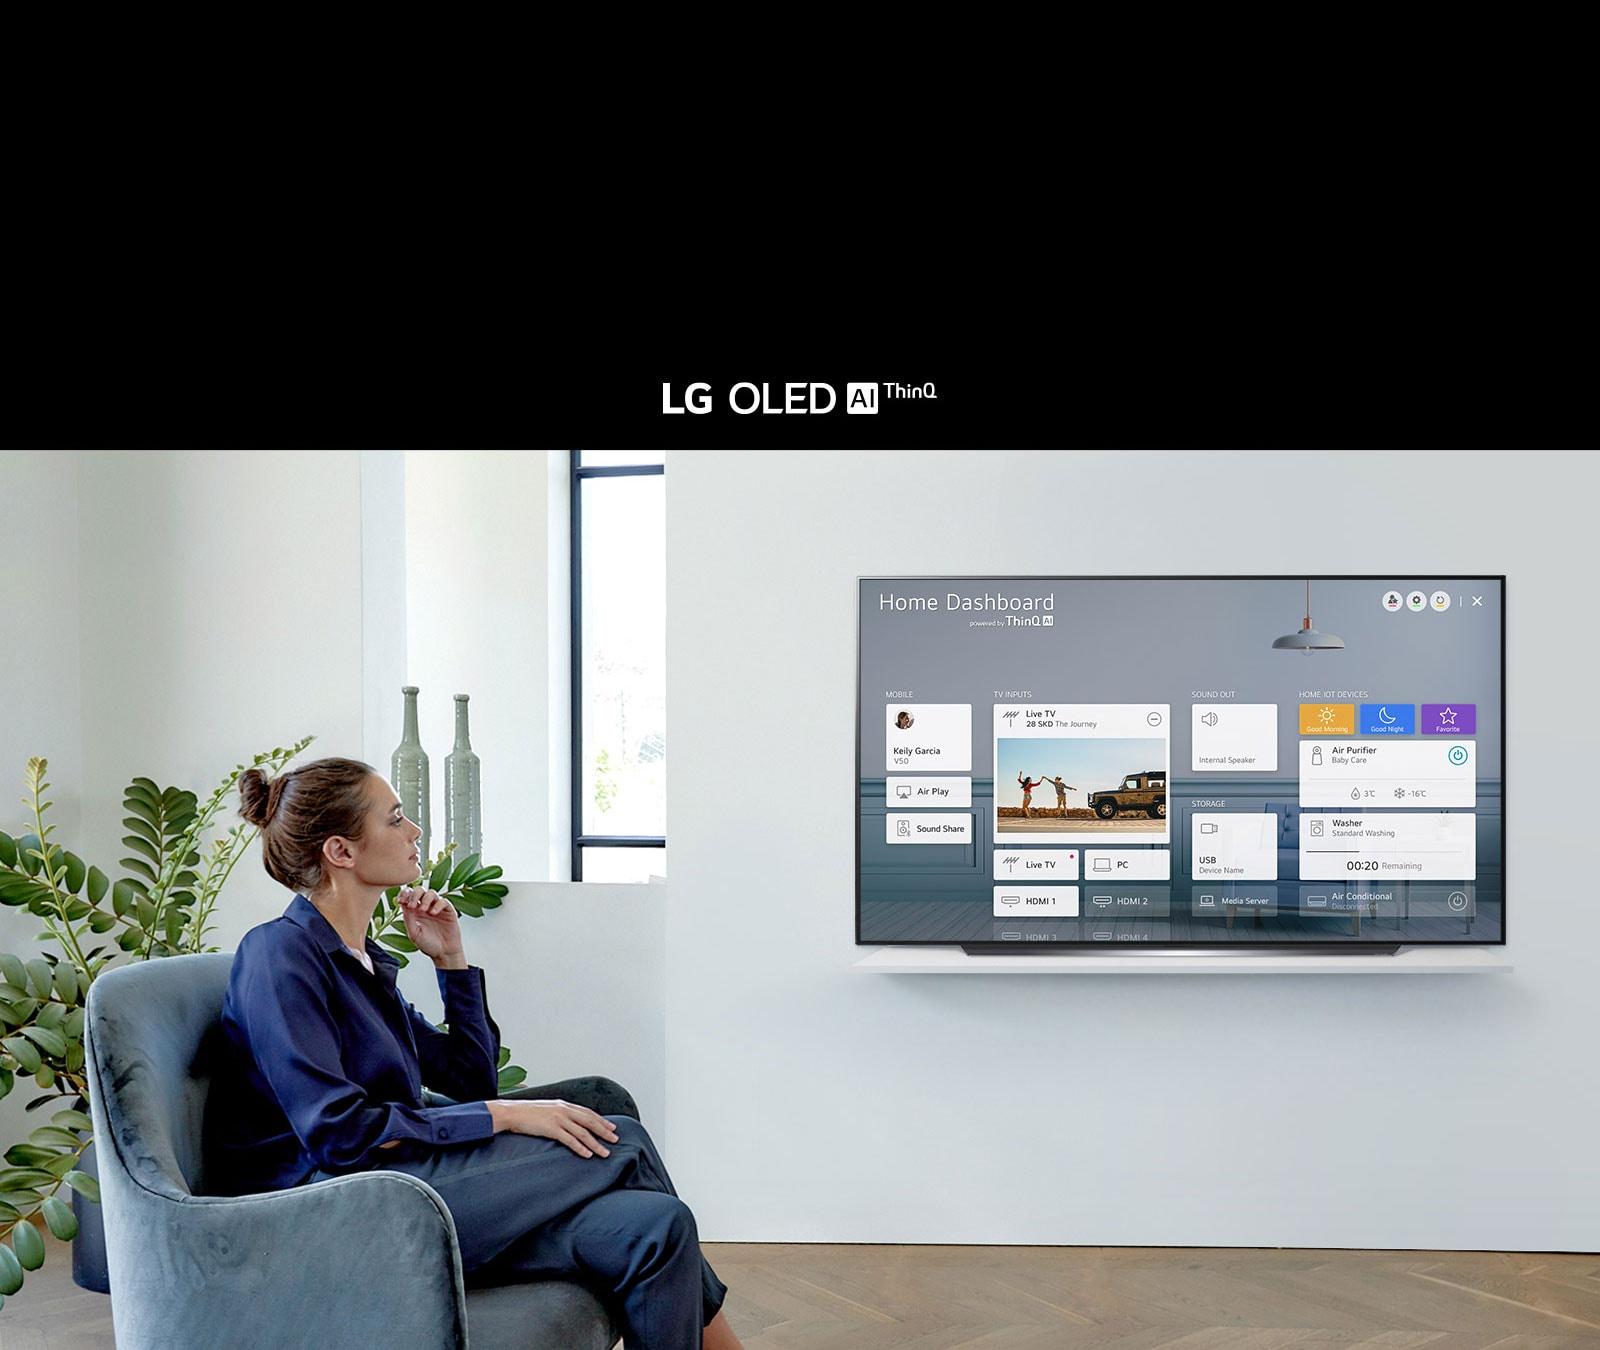 Femme assise sur une chaise dans le salon avec le tableau de bord sur l'écran du téléviseur